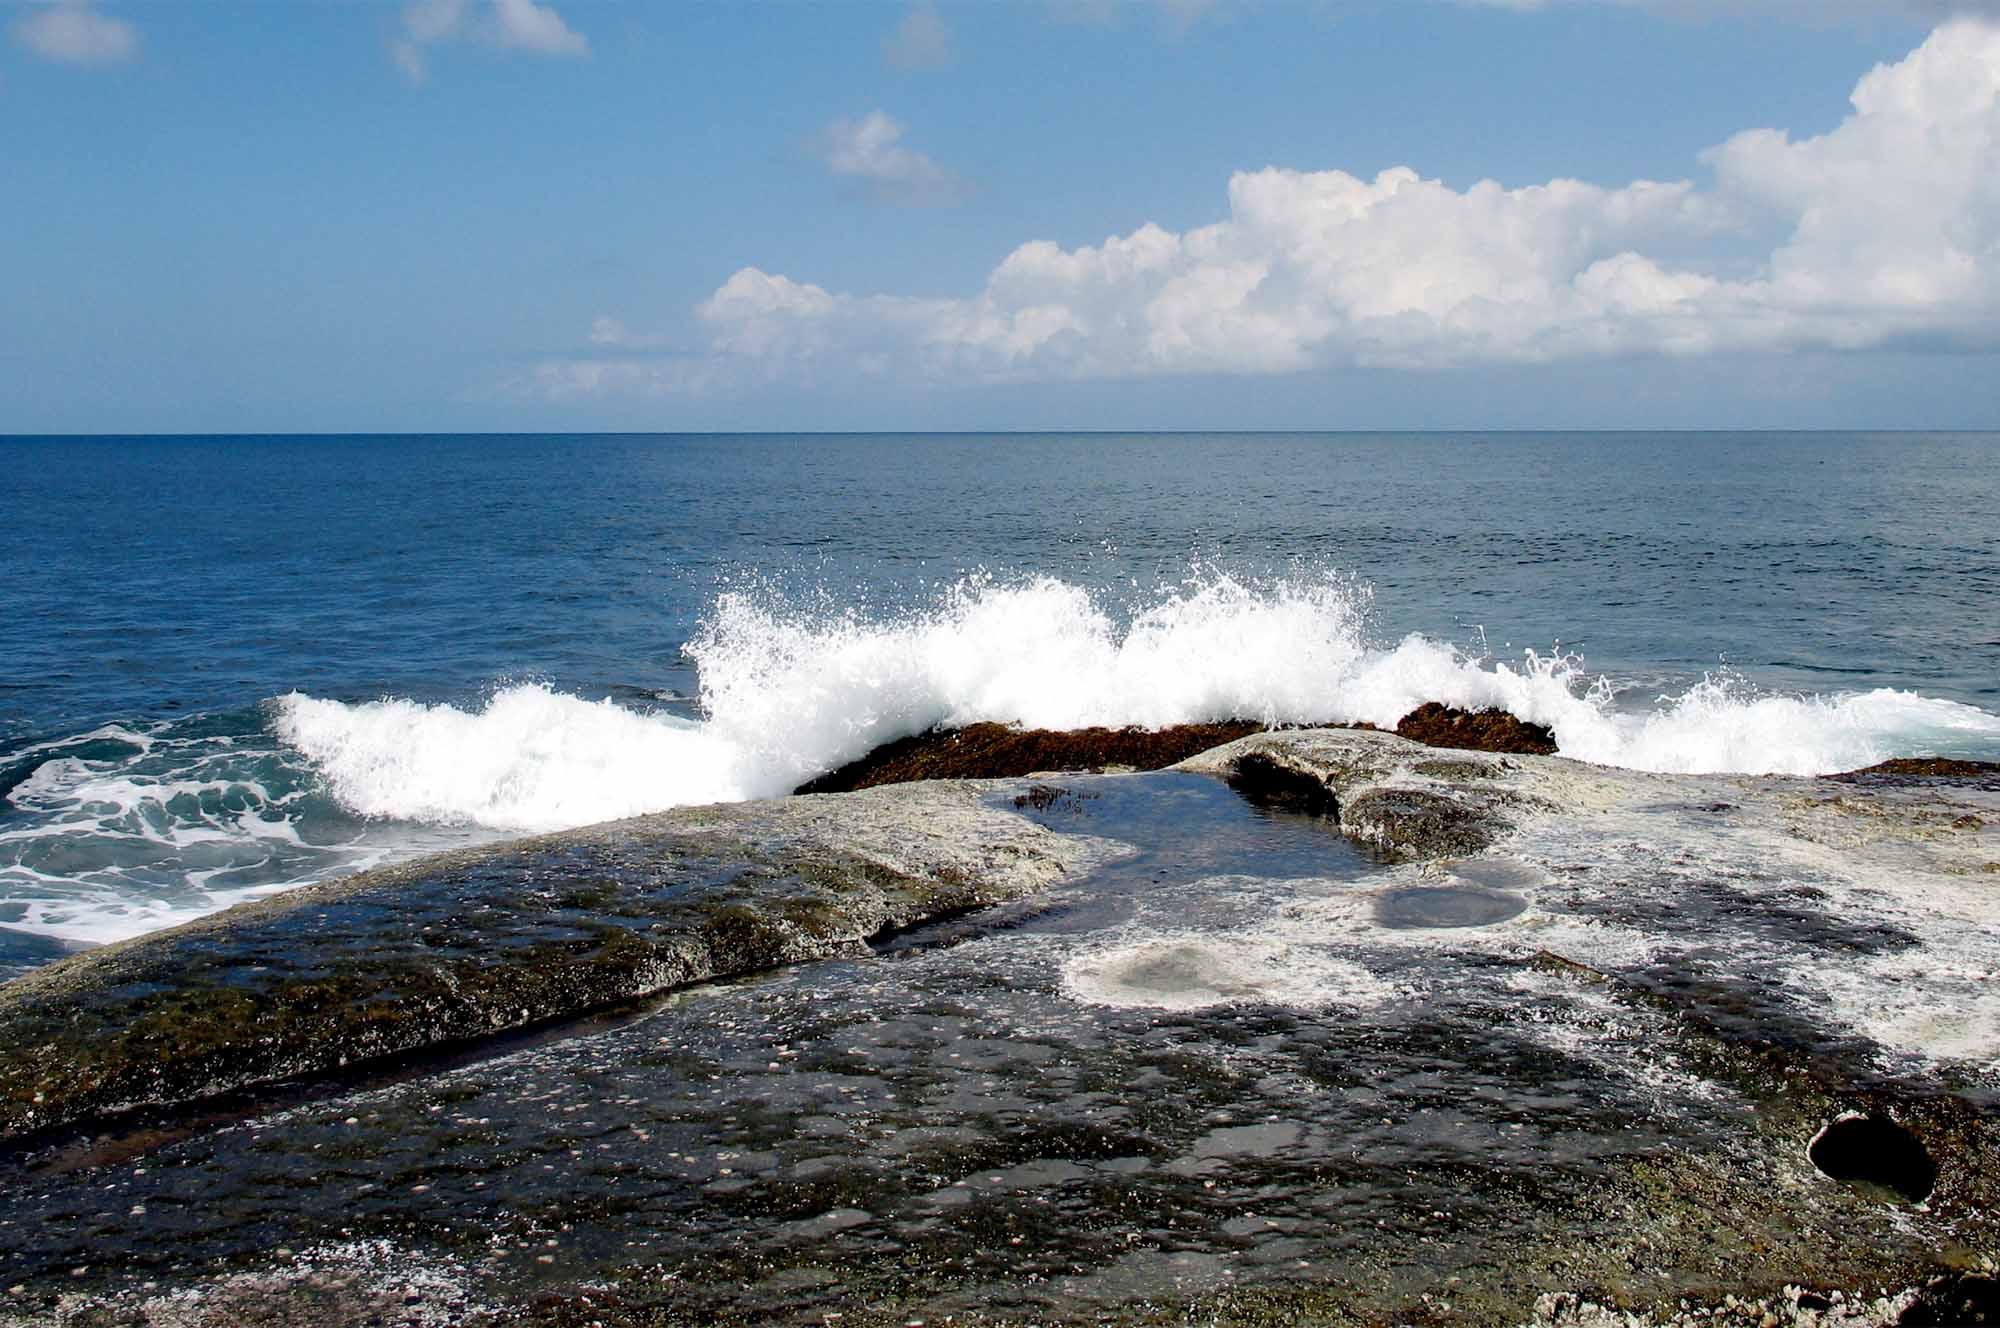 Tip of Borneo: la punta del Sabah